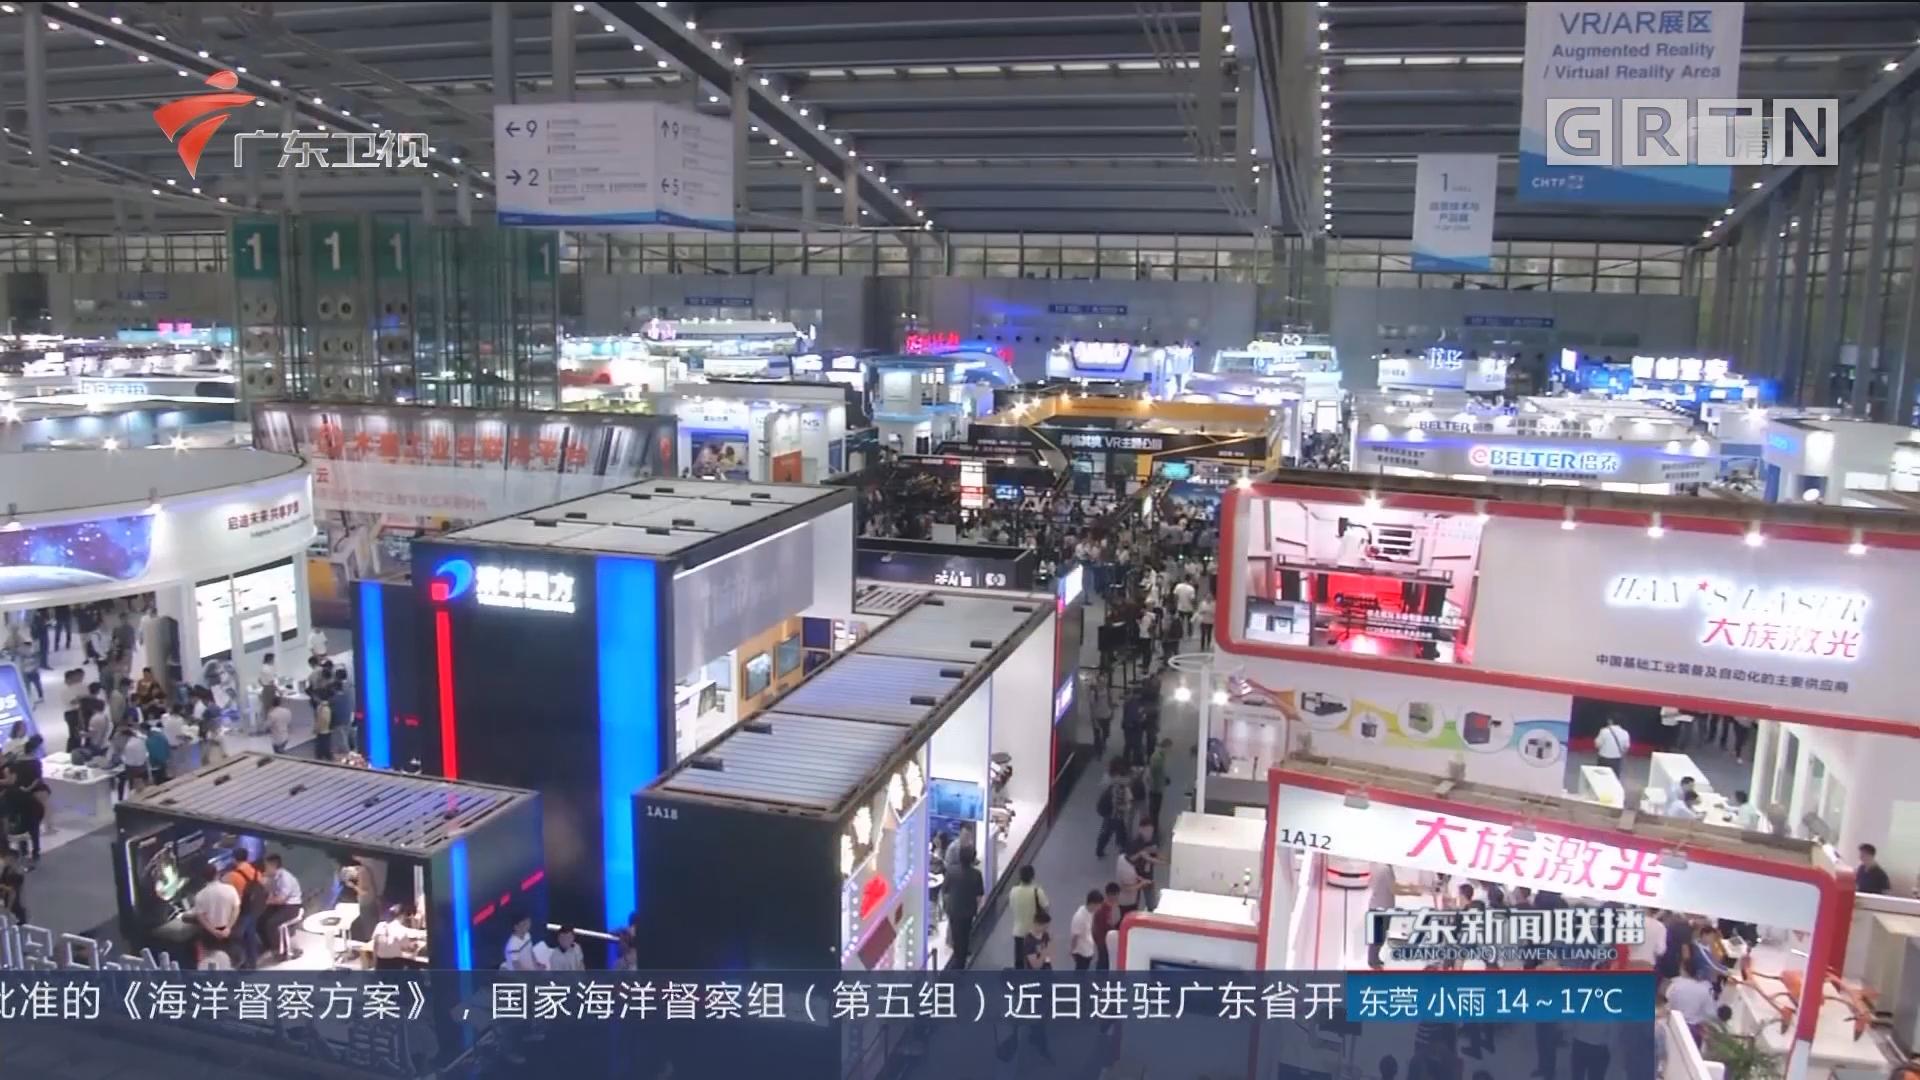 深圳:高交会造就科普教育良机 群众周末观展热情高涨